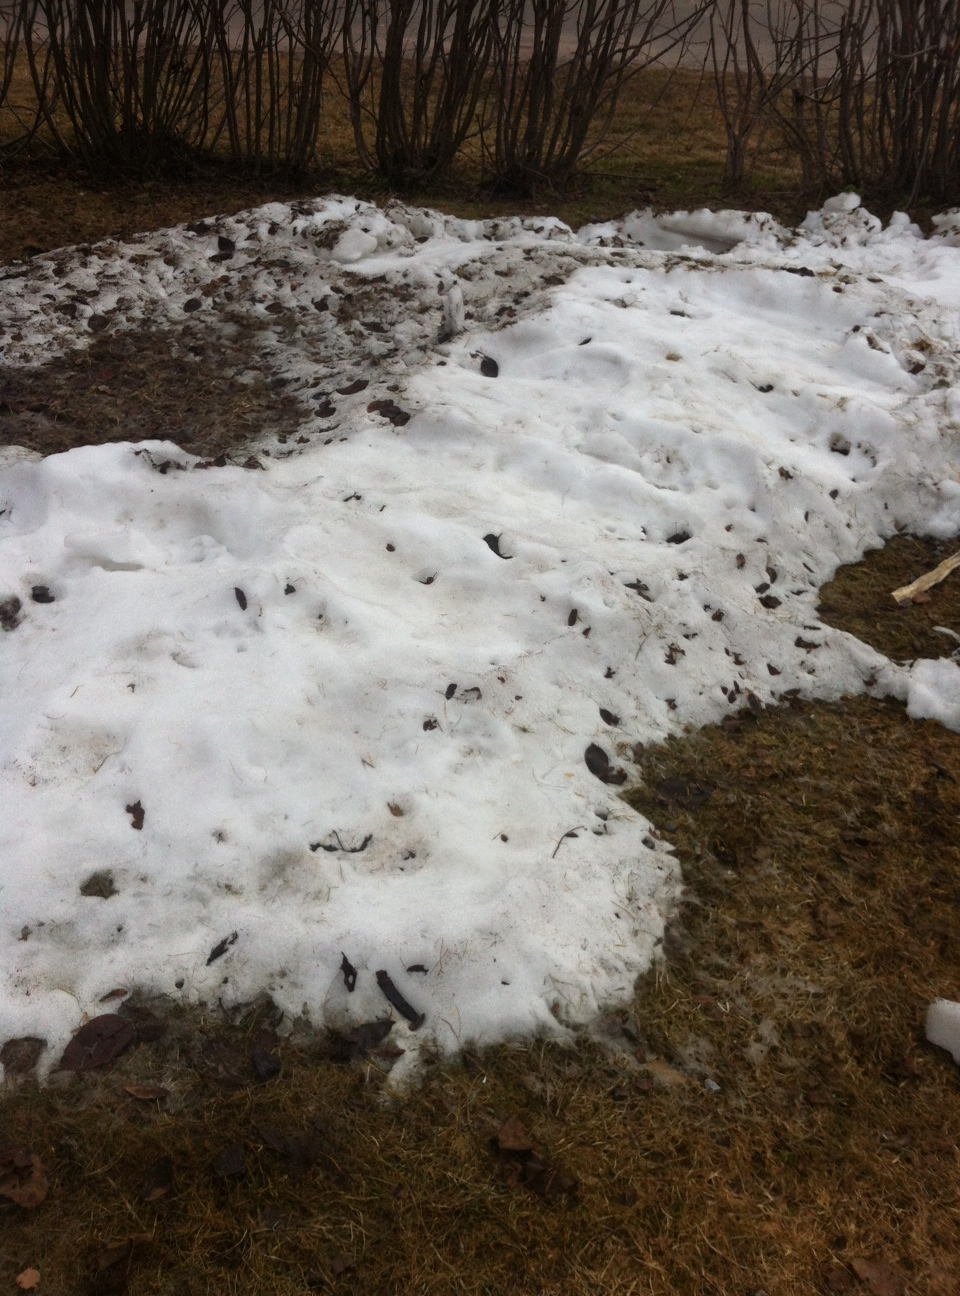 Slutet nära för snöhögen